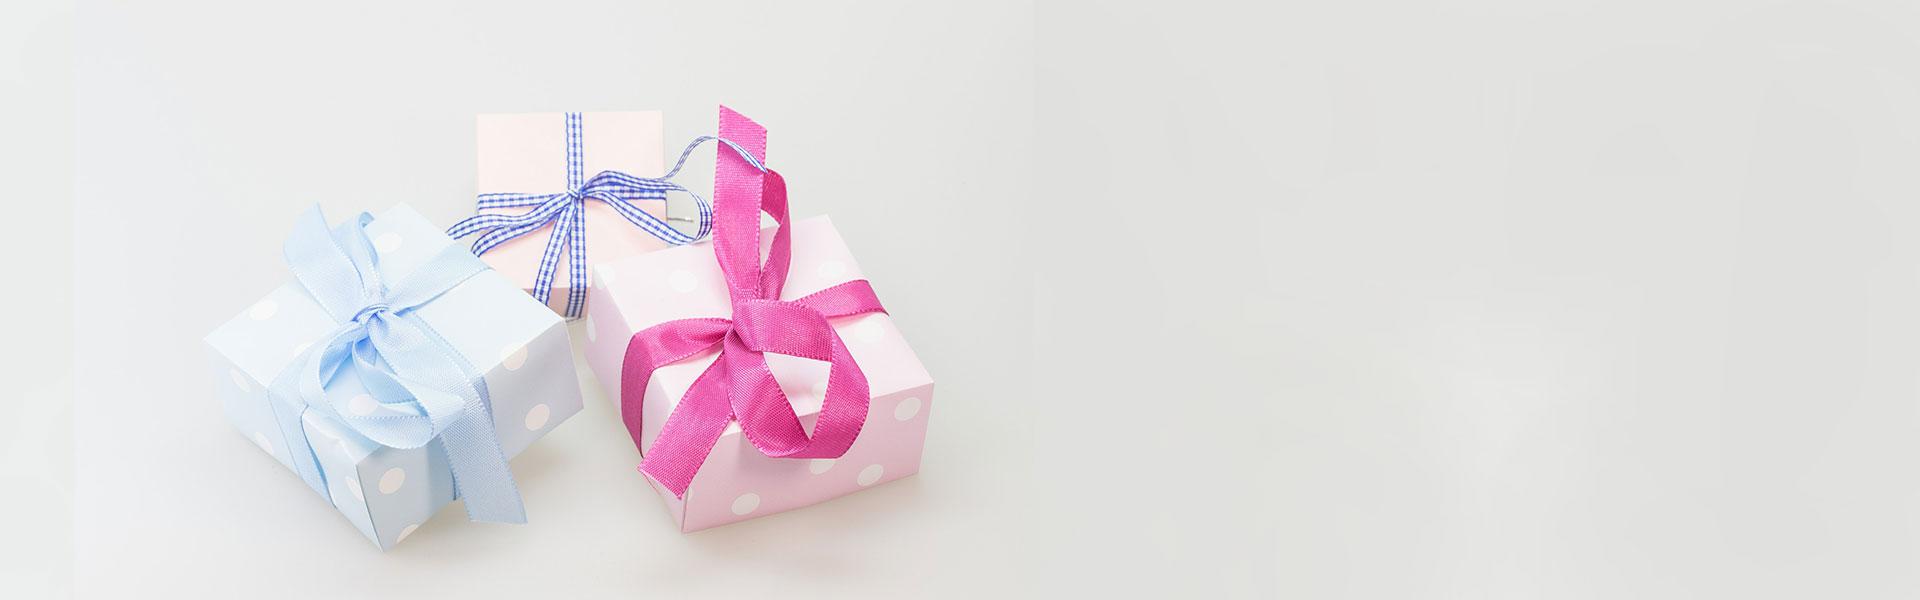 cinnea geschenke